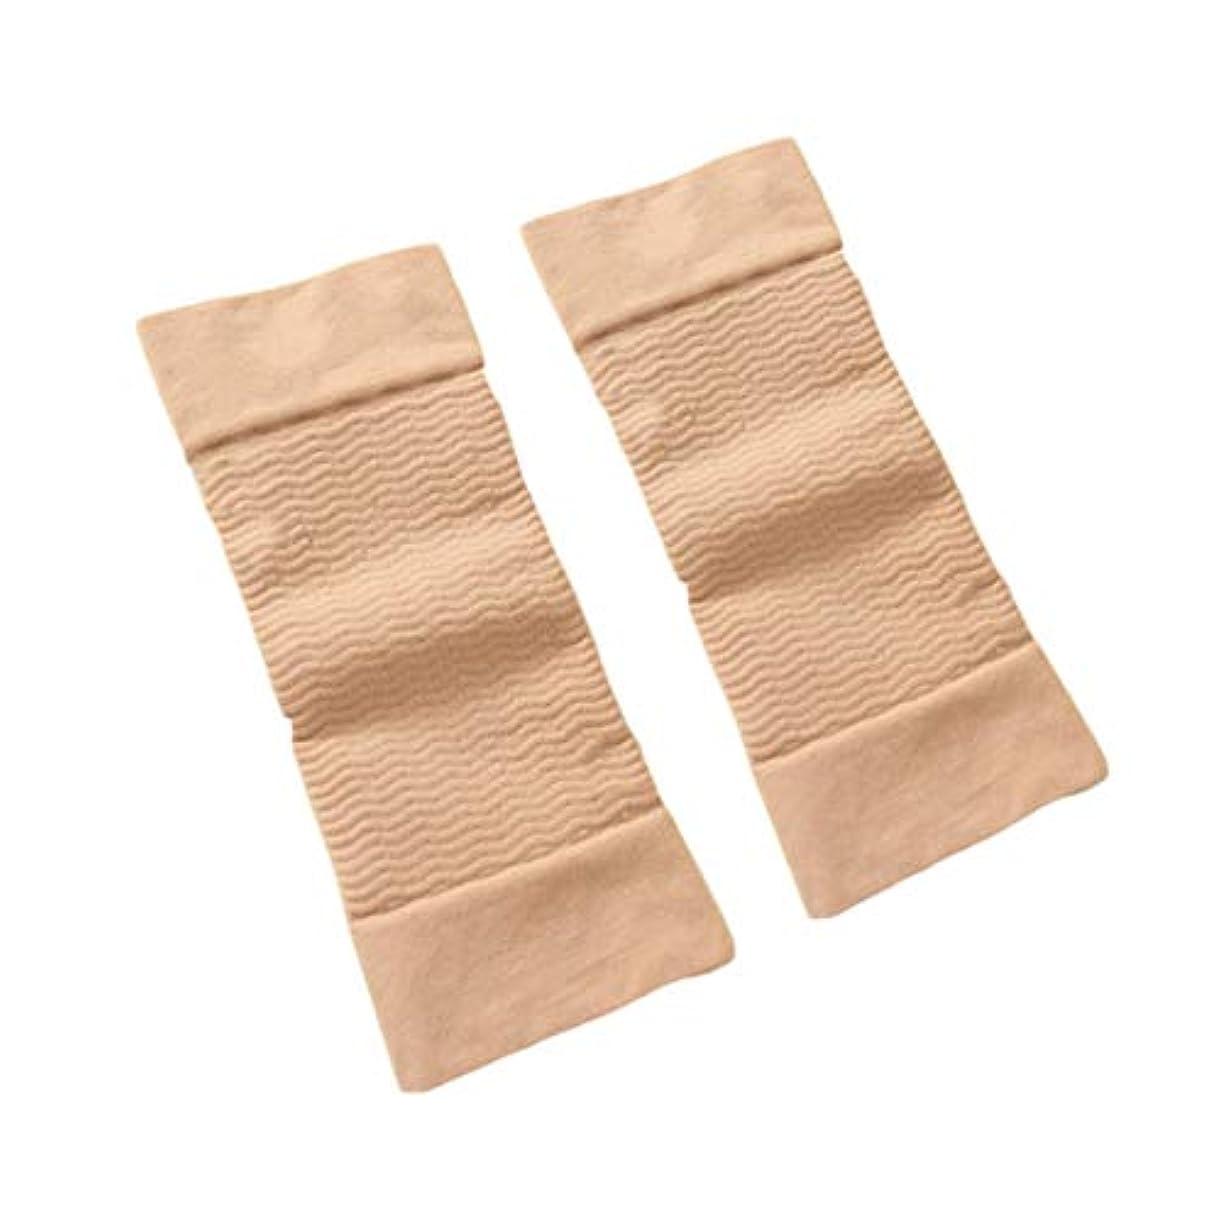 予知辛い権限を与える1ペア420 D圧縮痩身アームスリーブワークアウトトーニングバーンセルライトシェイパー脂肪燃焼袖用女性 - 肌色